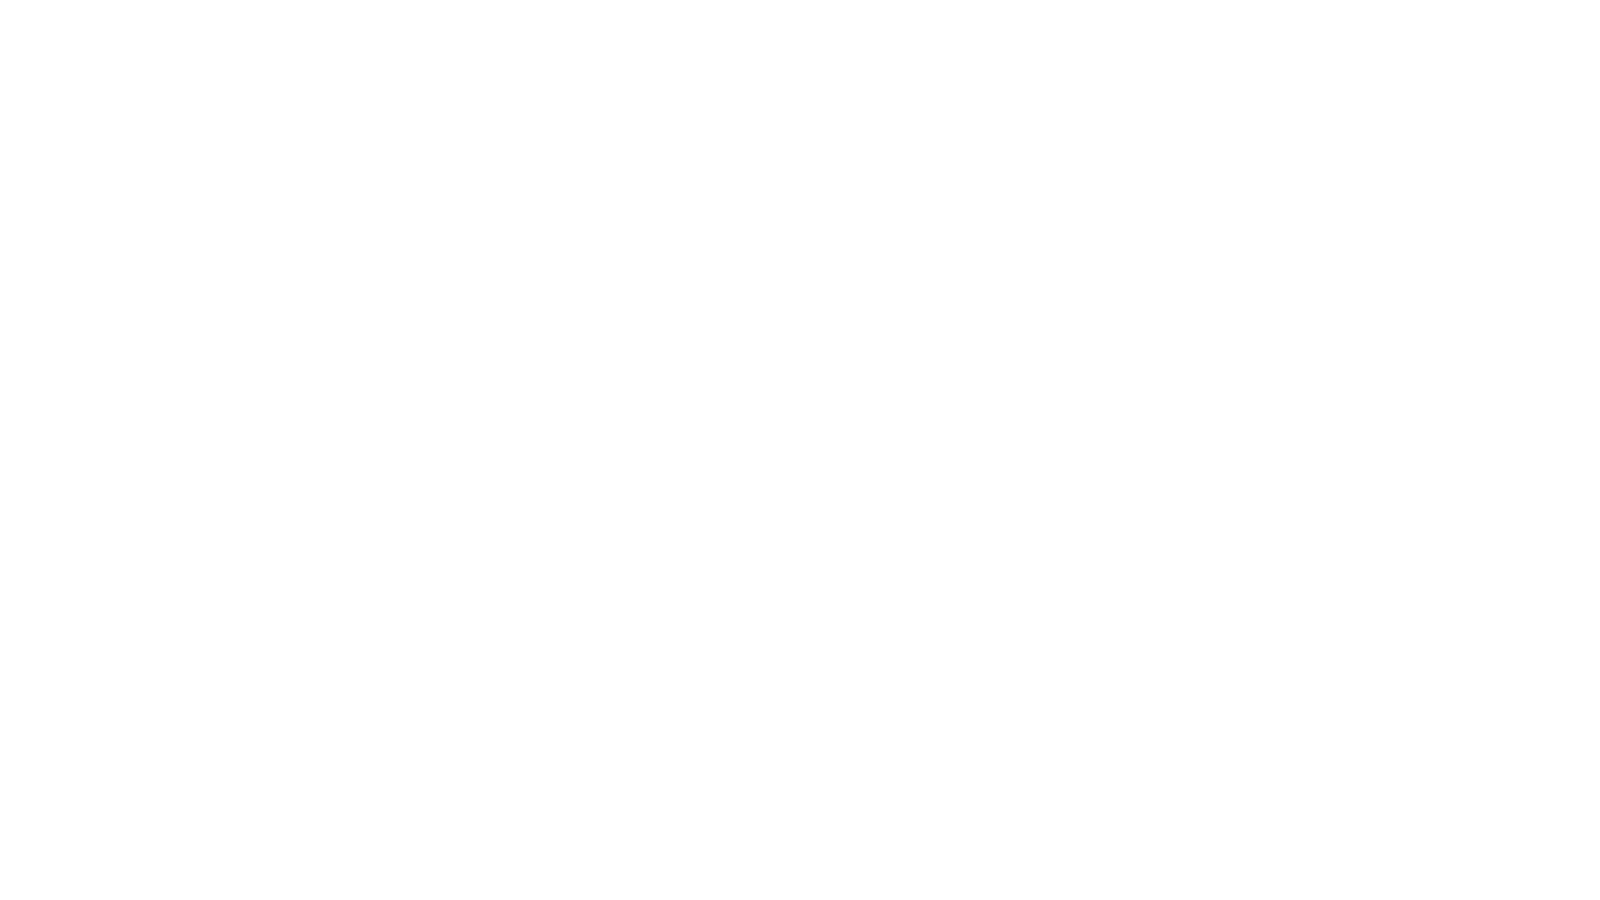 En esta ocasión vamos a trabajar en una Mercedes Vito correspondiente a la fabricación 447, del año 2016.  Su unidad es muy vistosa pero poco práctica con El Paso de los años, así que vamos a cambiarla y vamos a cubrir las necesidades que nos plantea nuestro cliente.  En esta ocasión trabajamos con el equipo ILX702d y la integración específica de la marca Alpine para este vehículo, incluyendo todo lo necesario para integrarlo al máximo con los sistemas originales del vehículo, mandos en volante multifuncion, información en cuadro, moldura con el mismo aspecto y tacto que el plástico original del salpicadero…  perfección total.  Además instalamos una cámara de marcha atrás  para no perder detalle en las maniobras de aparcamiento, algo que siempre se agradece en vehículos de este tamaño.   Si quieres mejorar y equipar tu vehículo, ponte en contacto con nosotros;   Te esperamos en:  📍 polígono Talluntxe, calle D49, noain (Navarra) 📞 948 077 777 📧 info@equipauto.es  📲 @equipautonoain 🖥 www.equipauto.es